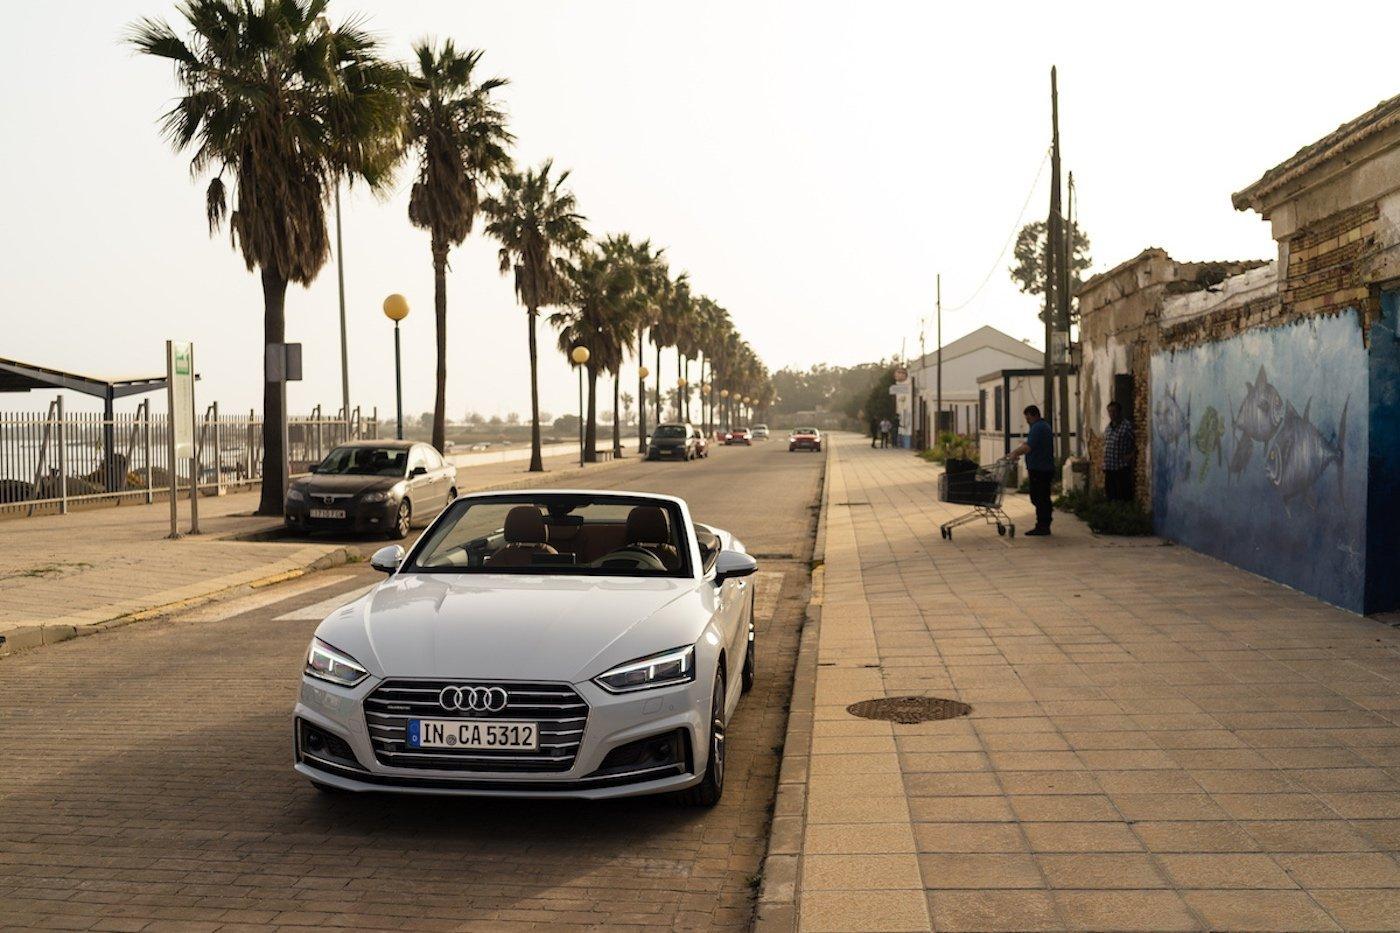 Audi A5 Cabriolet 3.0 TDI: 620 Nm für mehr Durchzug